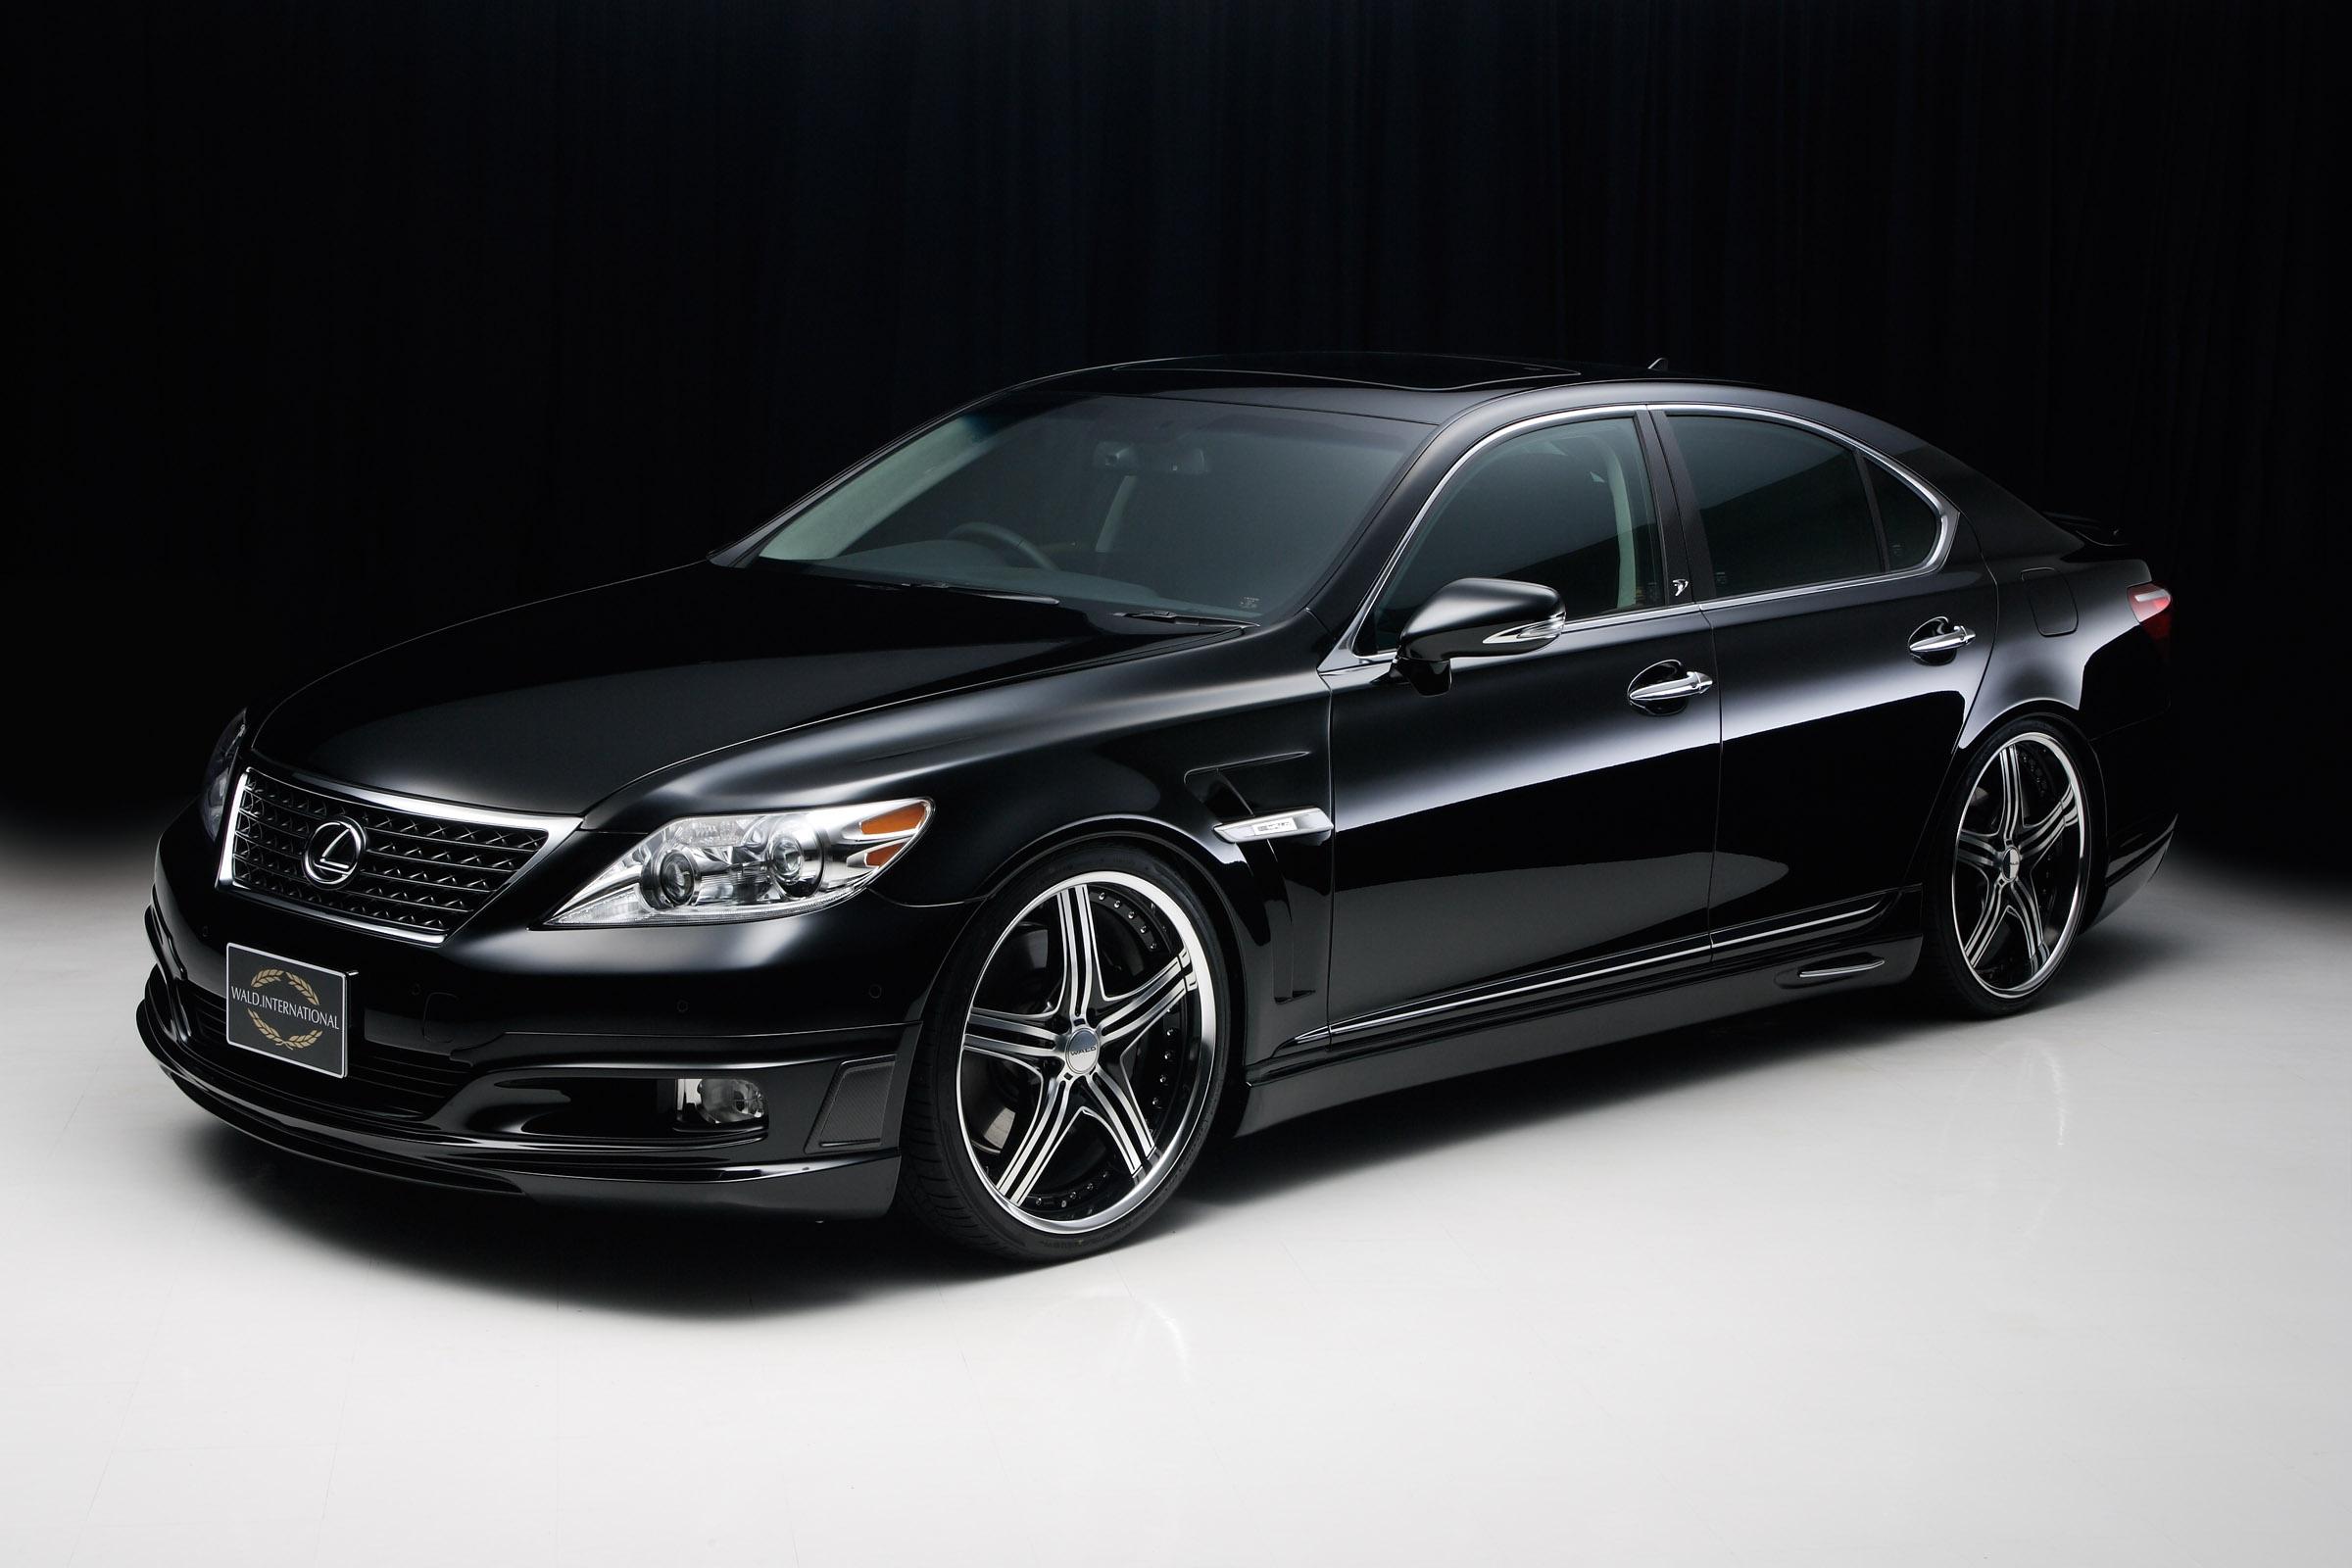 2018 lexus ls 460 release date auto us reviews pinterest lexus ls lexus ls 460 and super car